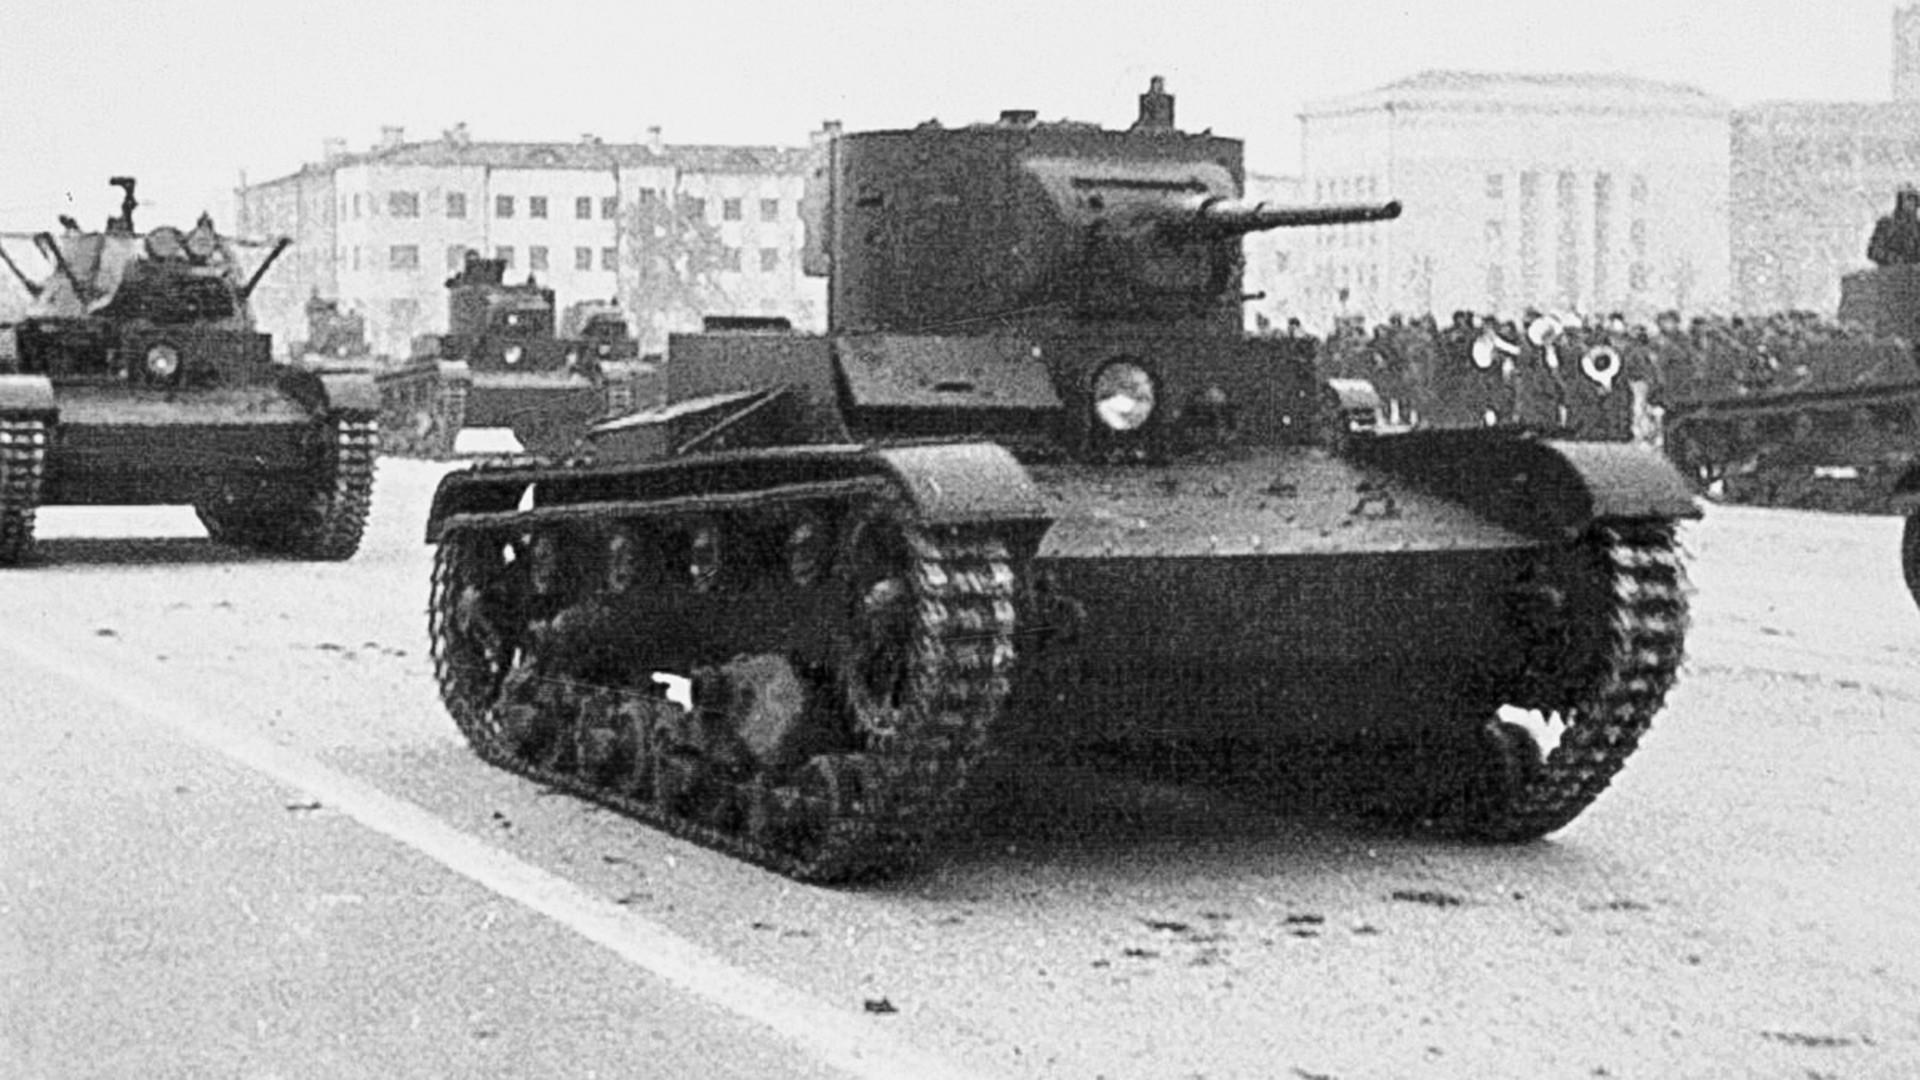 Лаки пешадијски тенкови Т-26. Војна парада у Кујбишеву 7. новембра 1941.